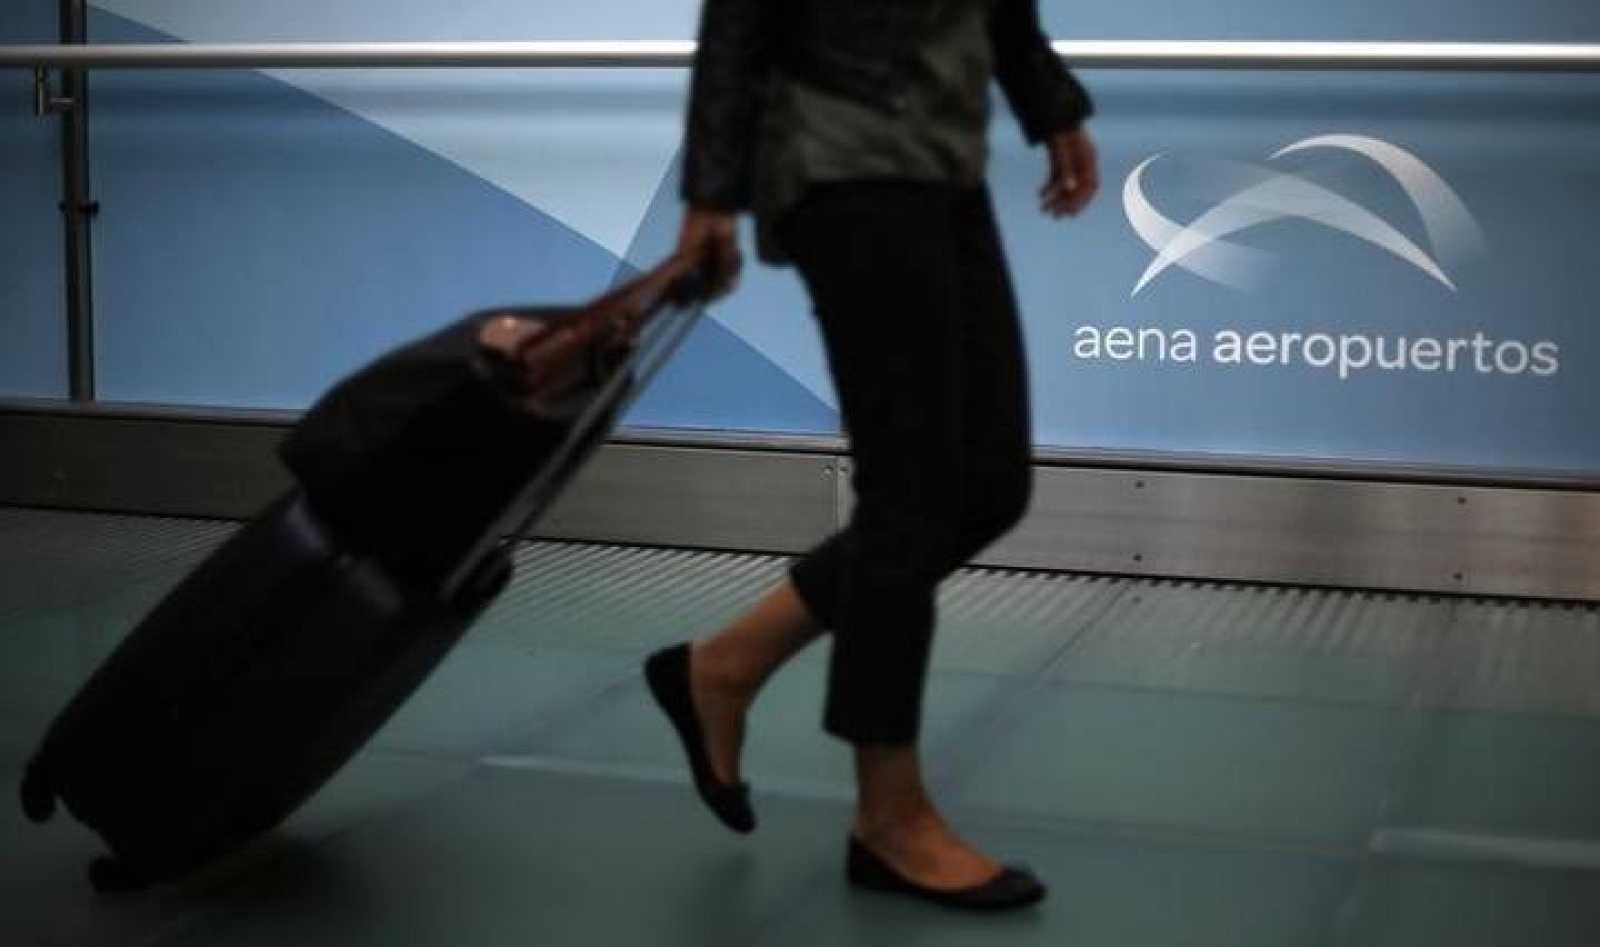 Los bancos advierten de que peligra el calendario de la OPV de Aena - diario